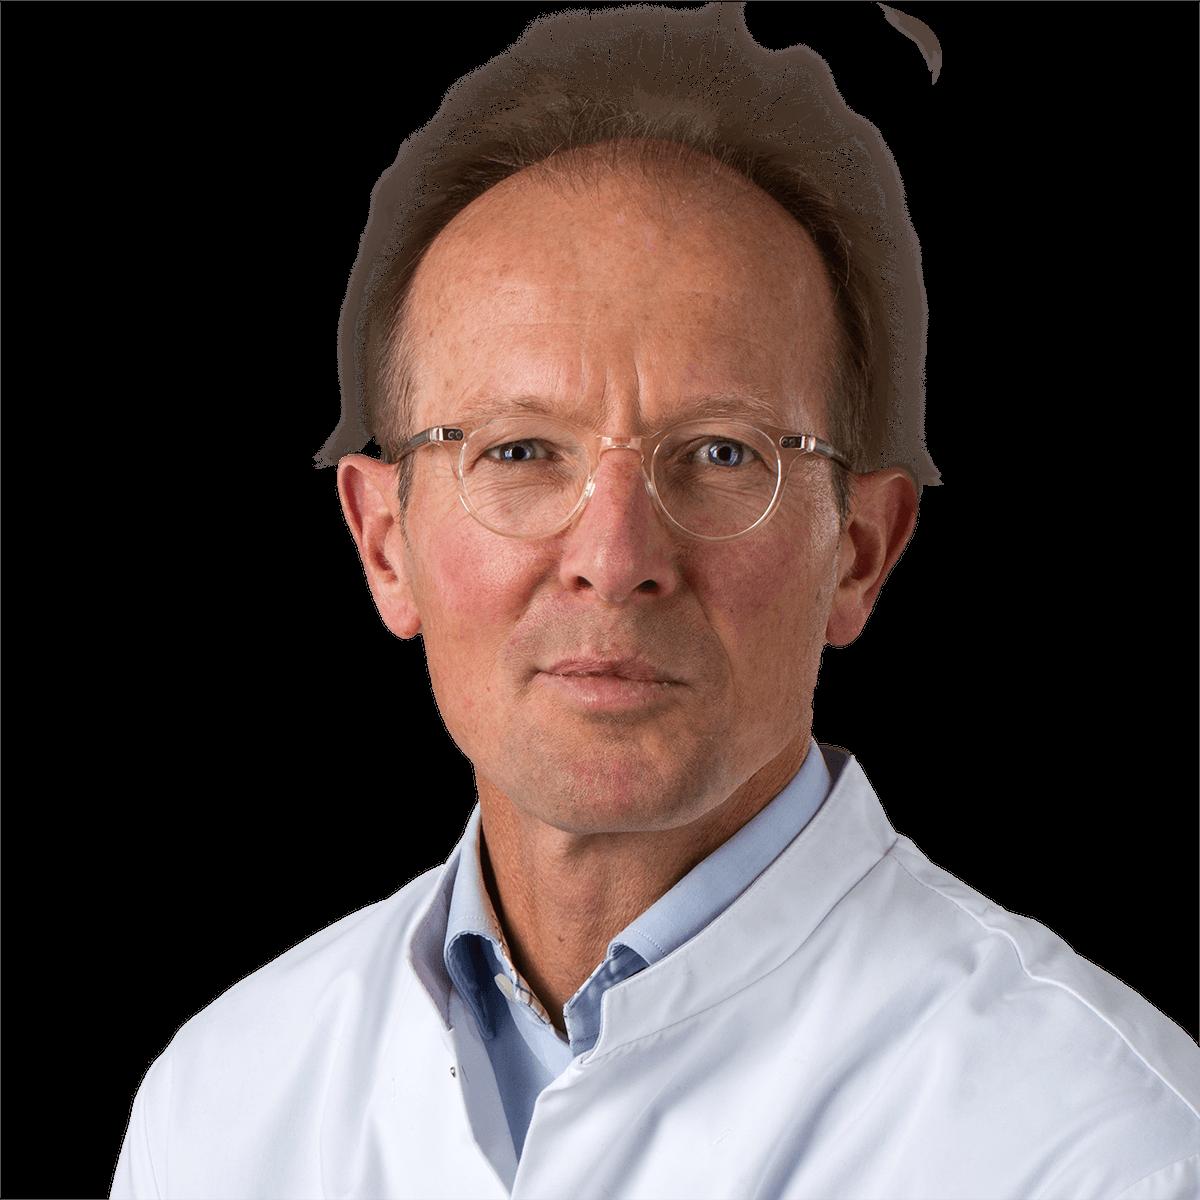 prof. dr. A. van 't Hof